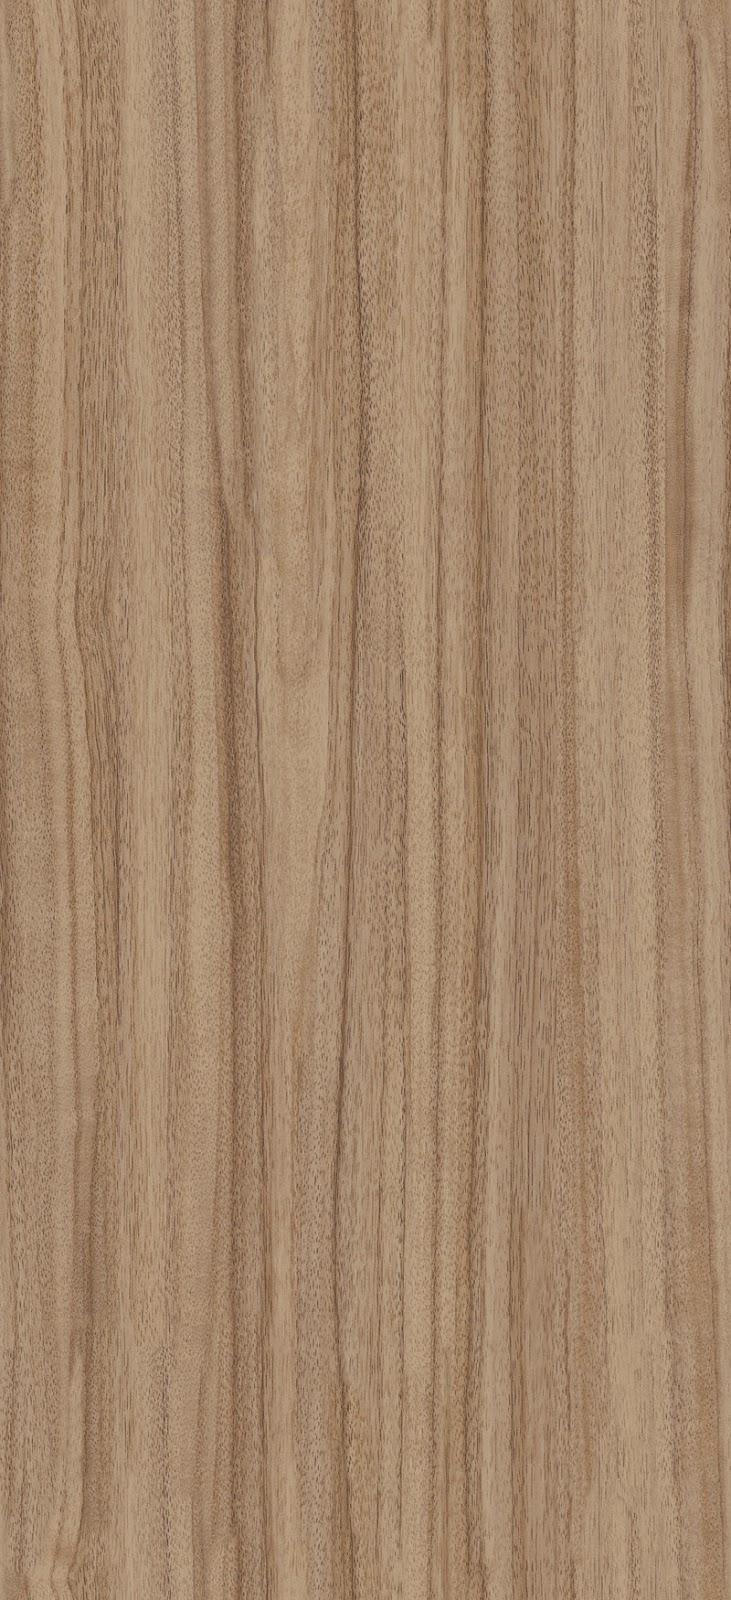 walnut wood wallpaper wallpapersafari